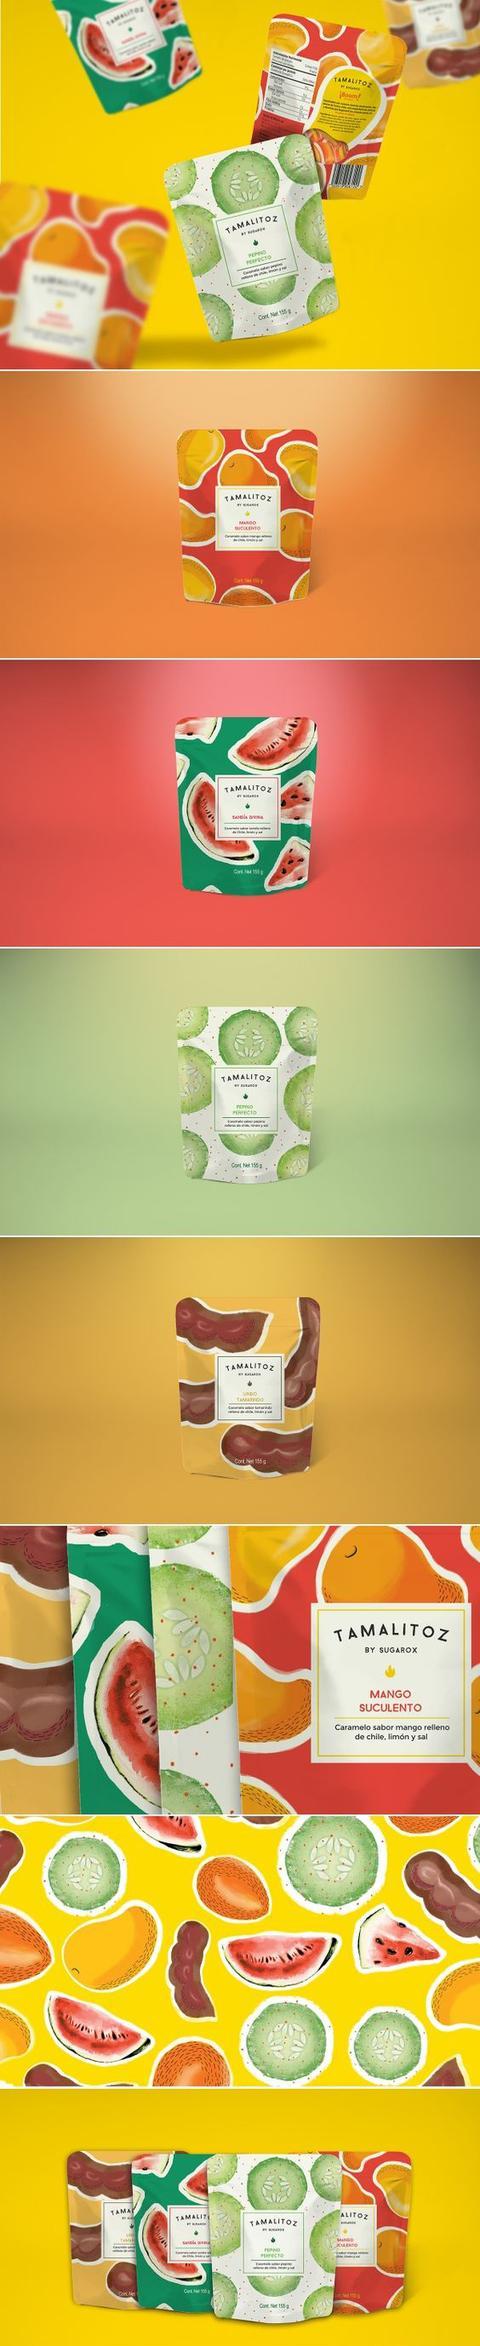 顶尖的产品包装设计,纯粹而简约